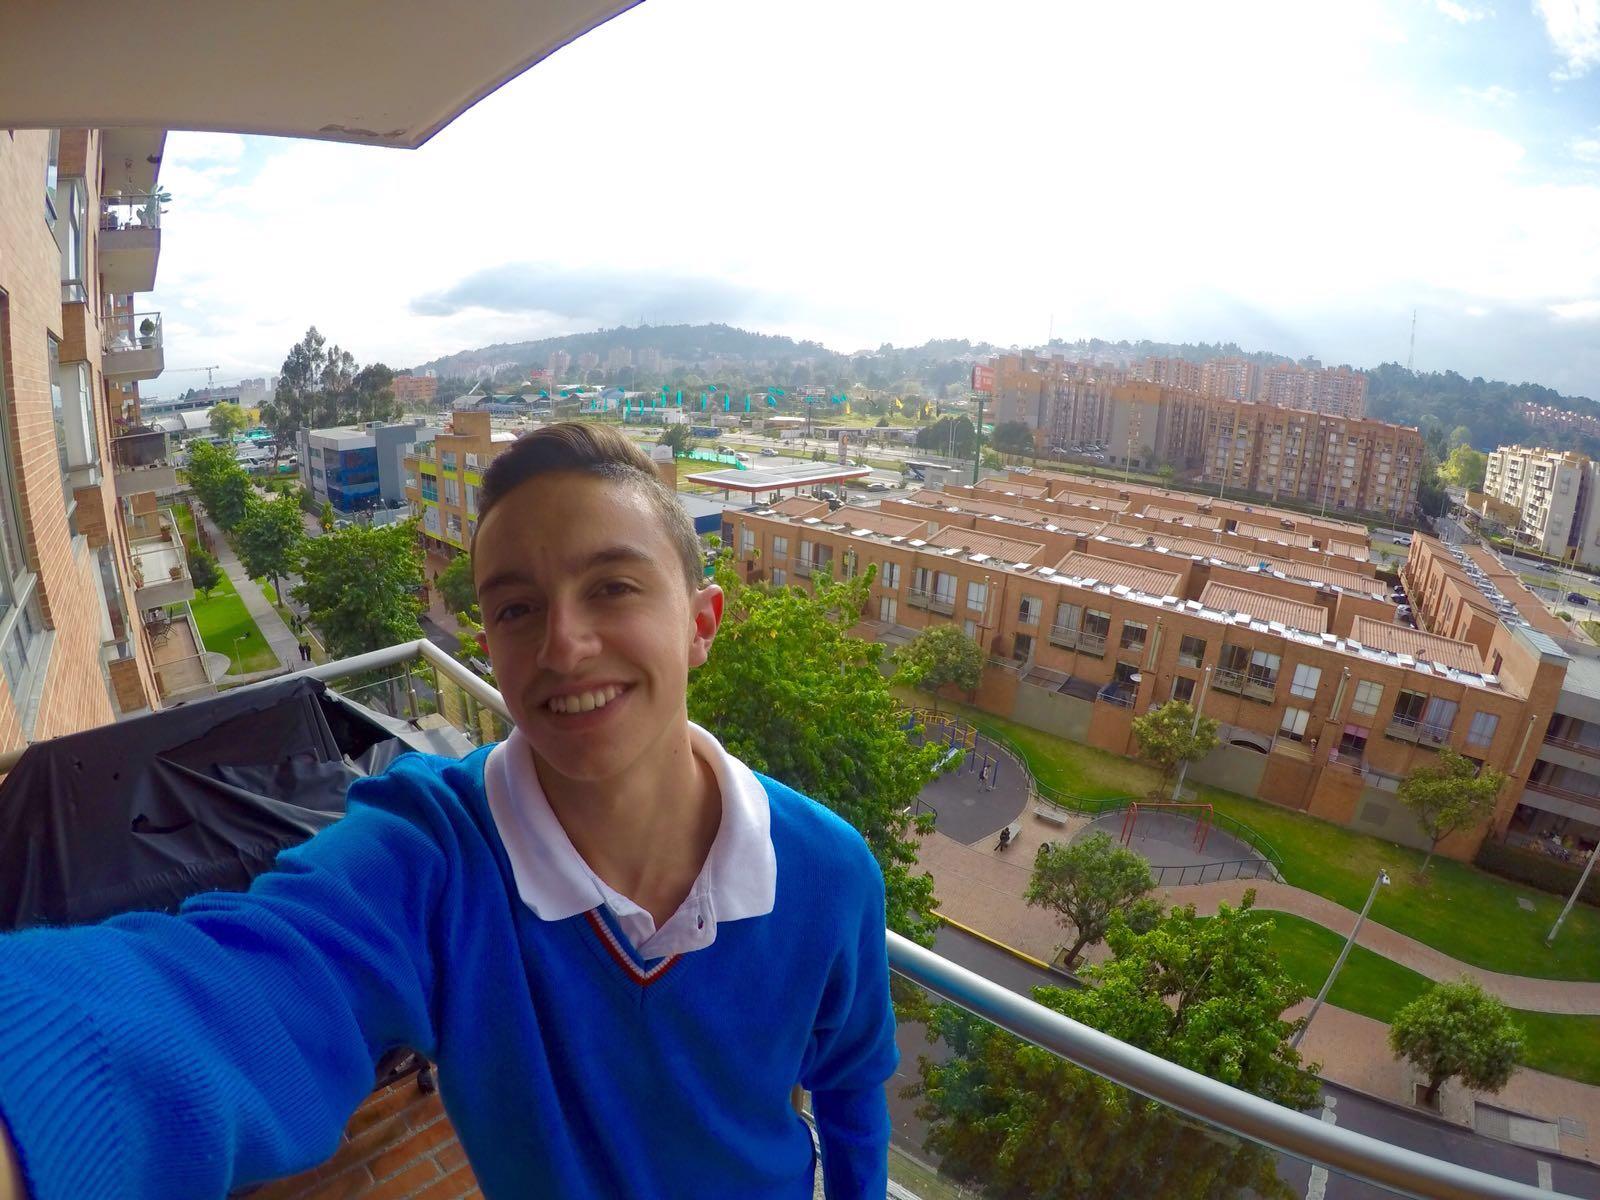 Juan Pic